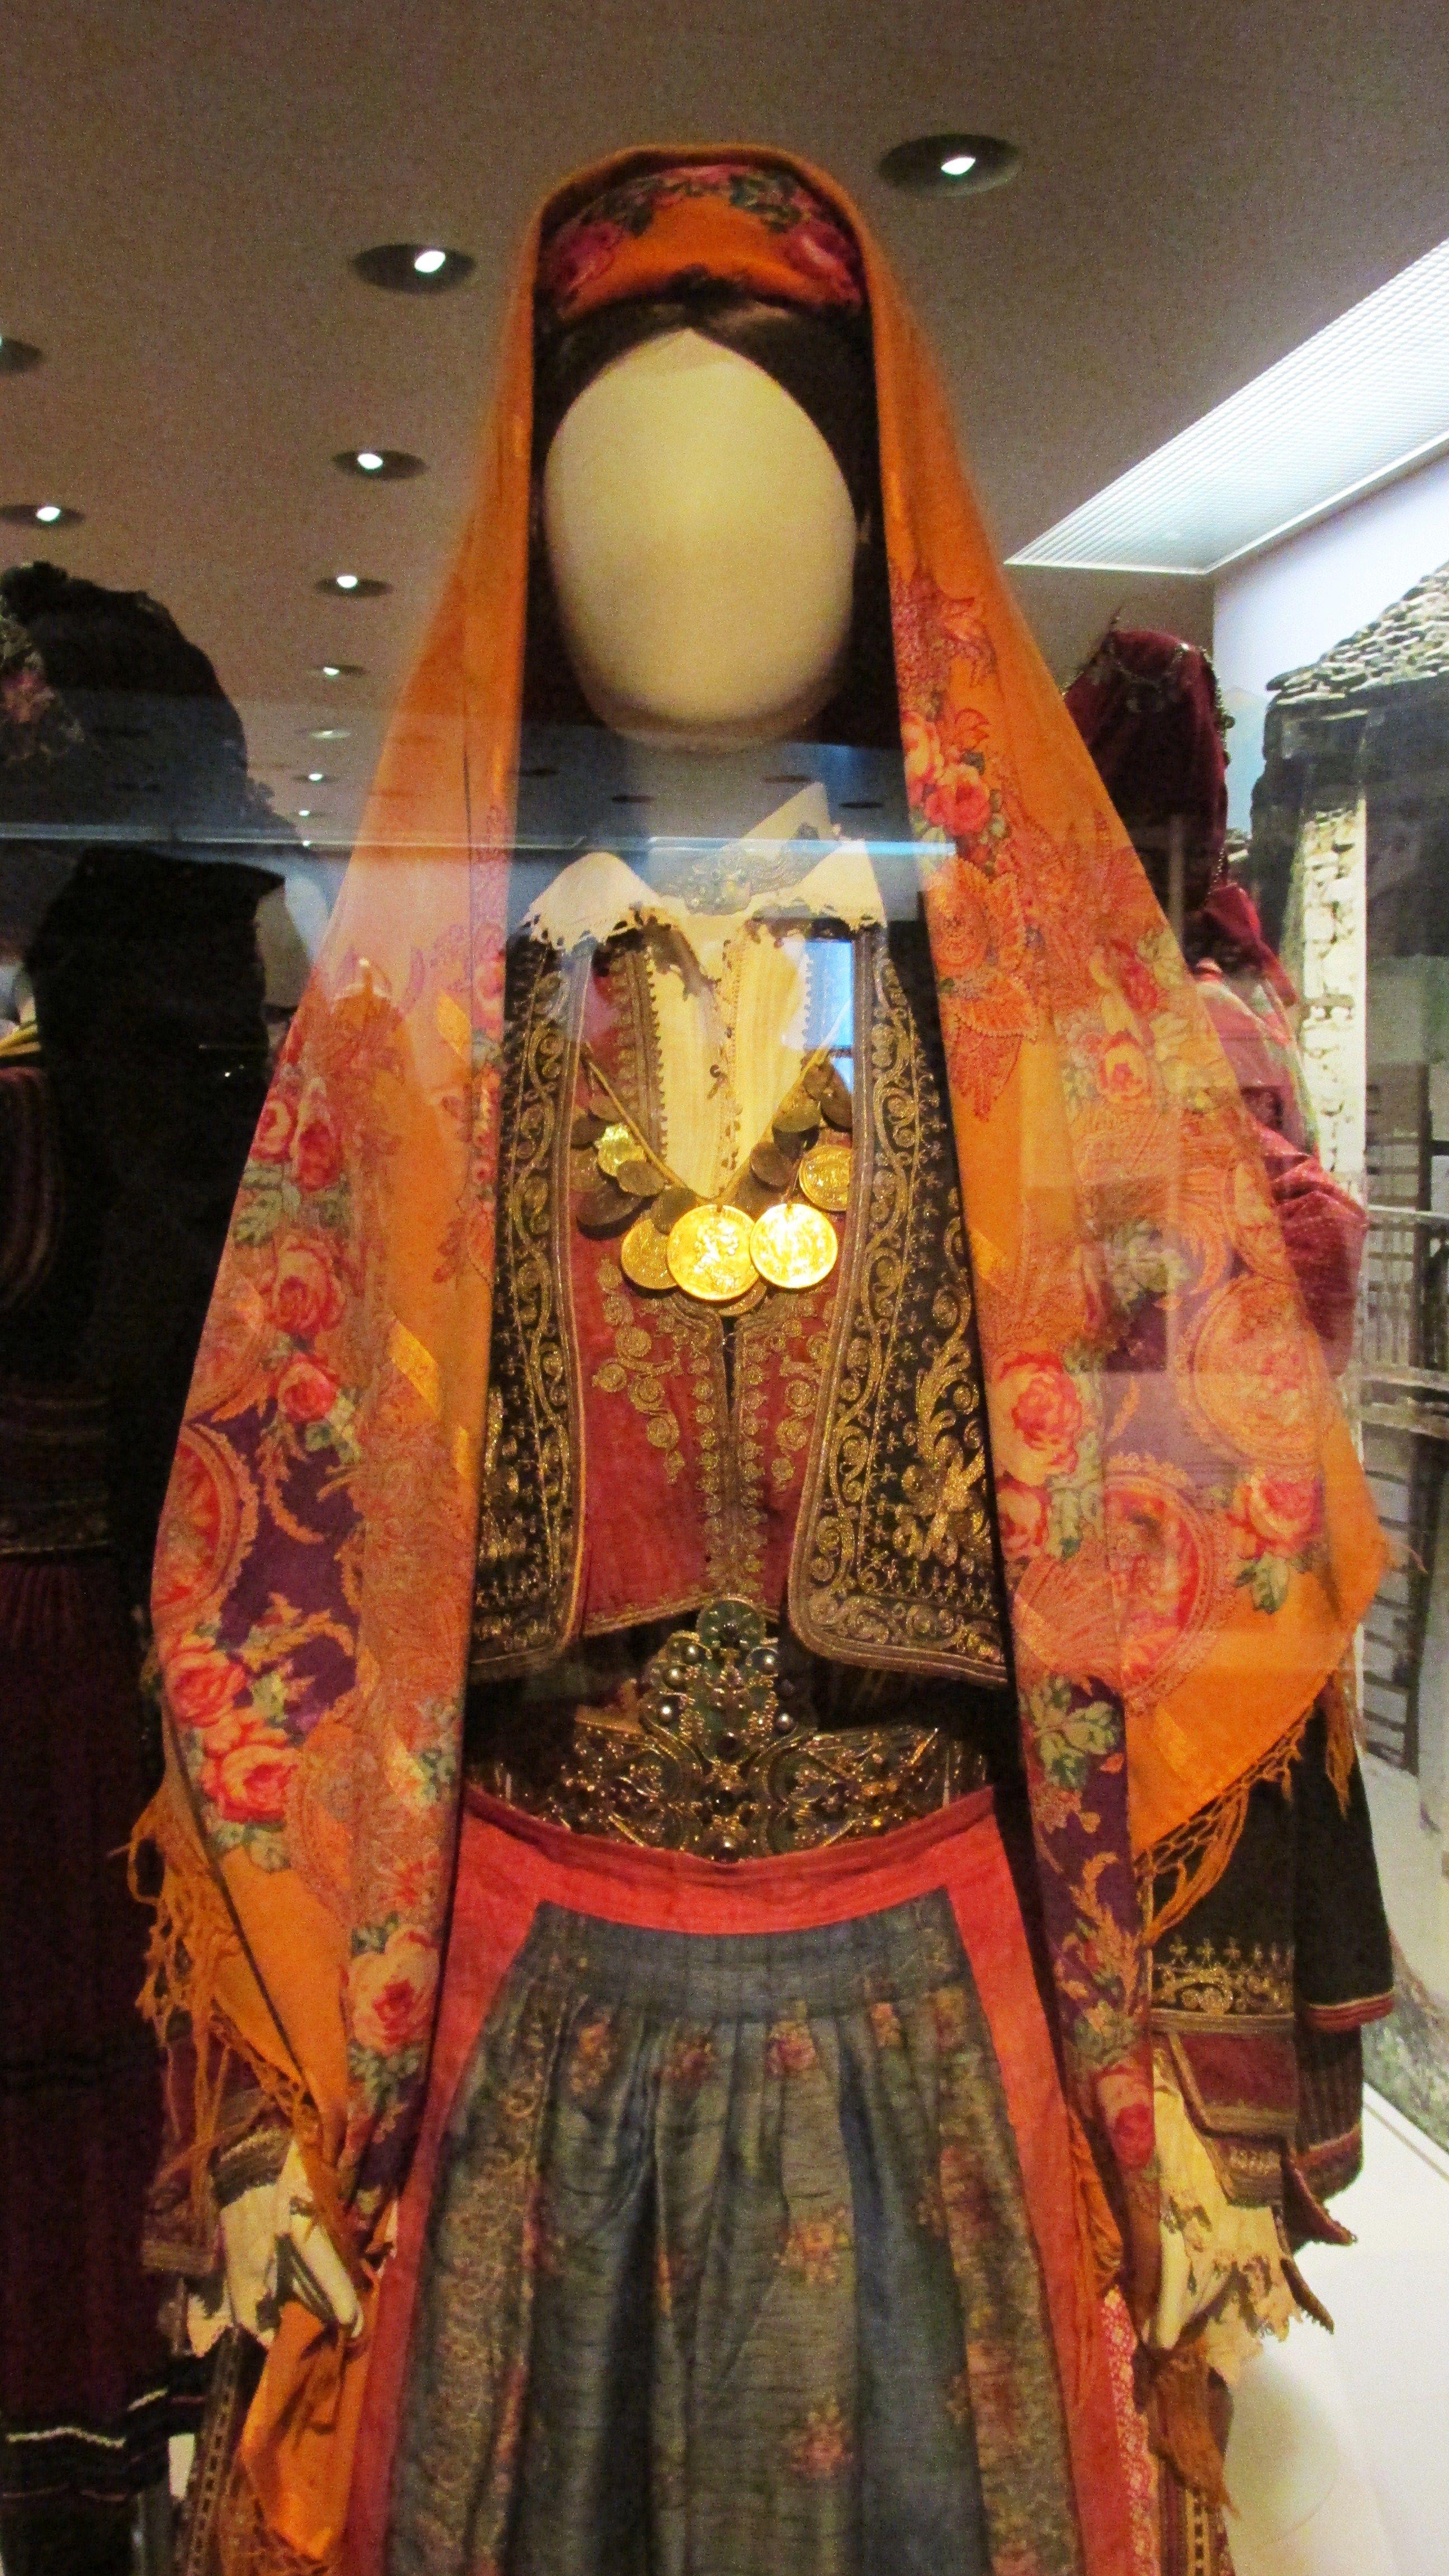 cb286c2c6891 Παραδοσιακή γυναικεία φορεσιά απο τη Θάσο. (Λαογραφικό και Εθνολογικό  Μουσείο Μακεδονίας - Θράκης)